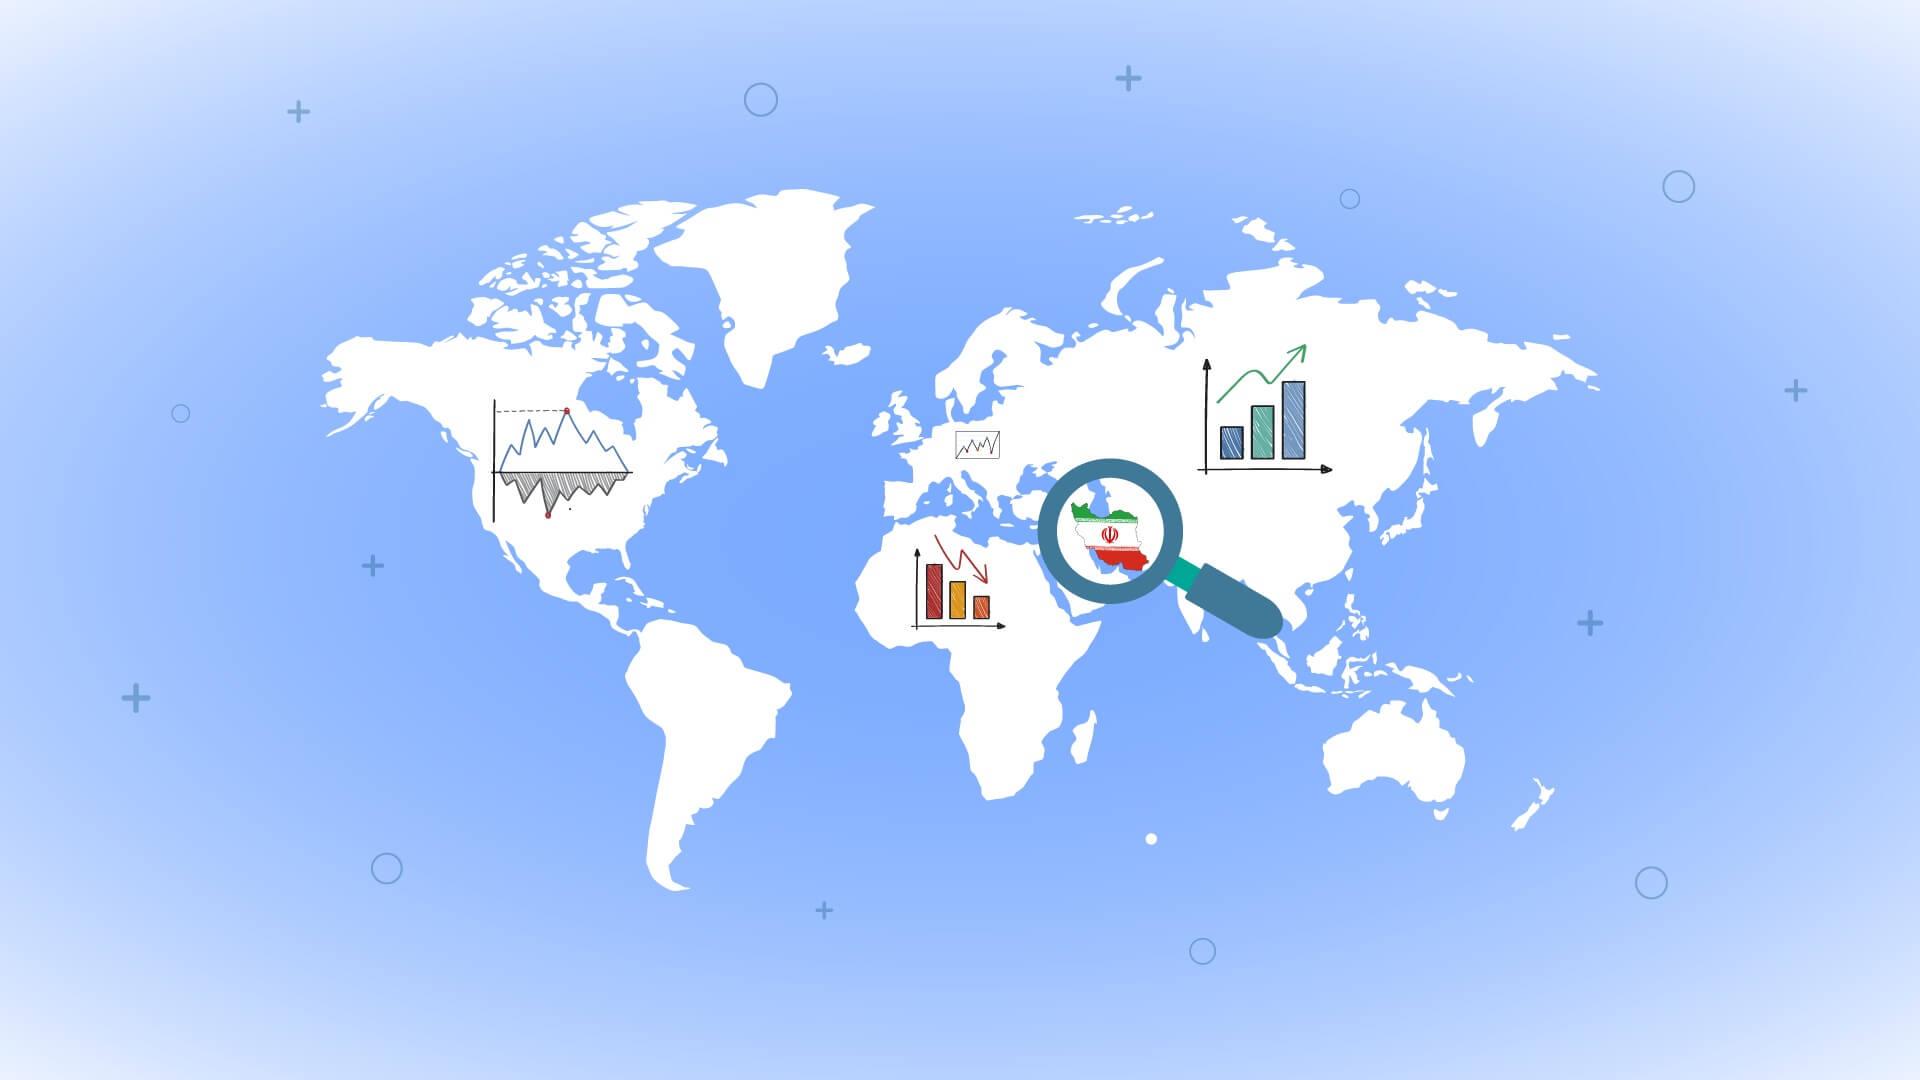 آیا بازار سرمایه ایران از بازارهای جهانی تأثیر میپذیرد؟